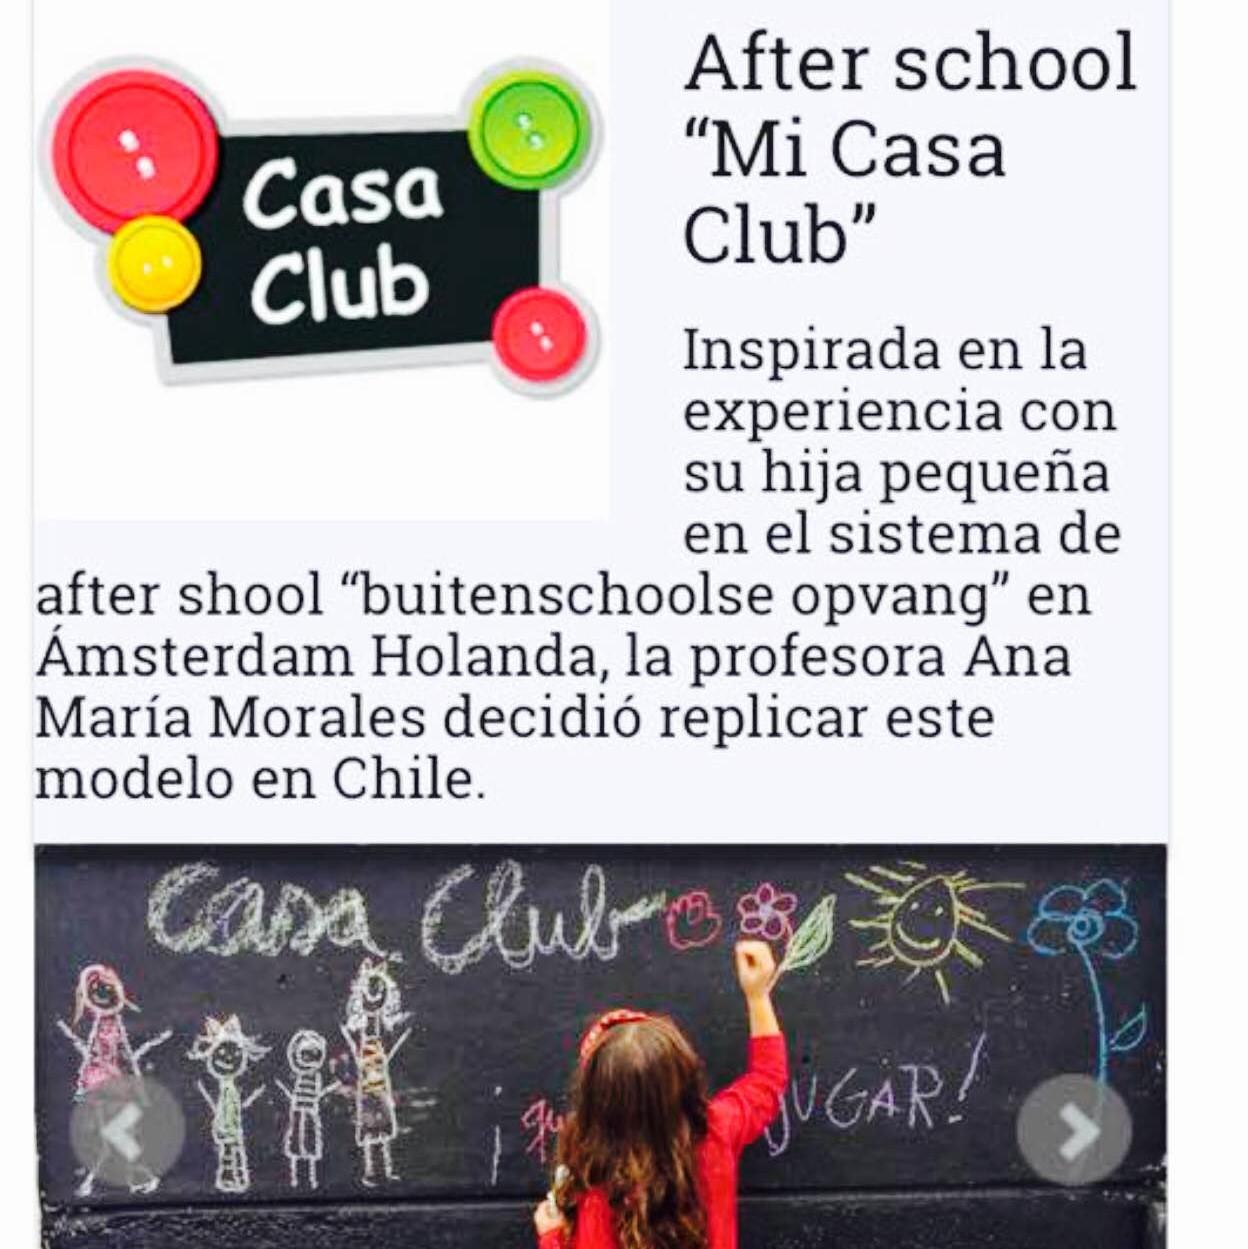 Reportaje de Casaclub en portal para niños